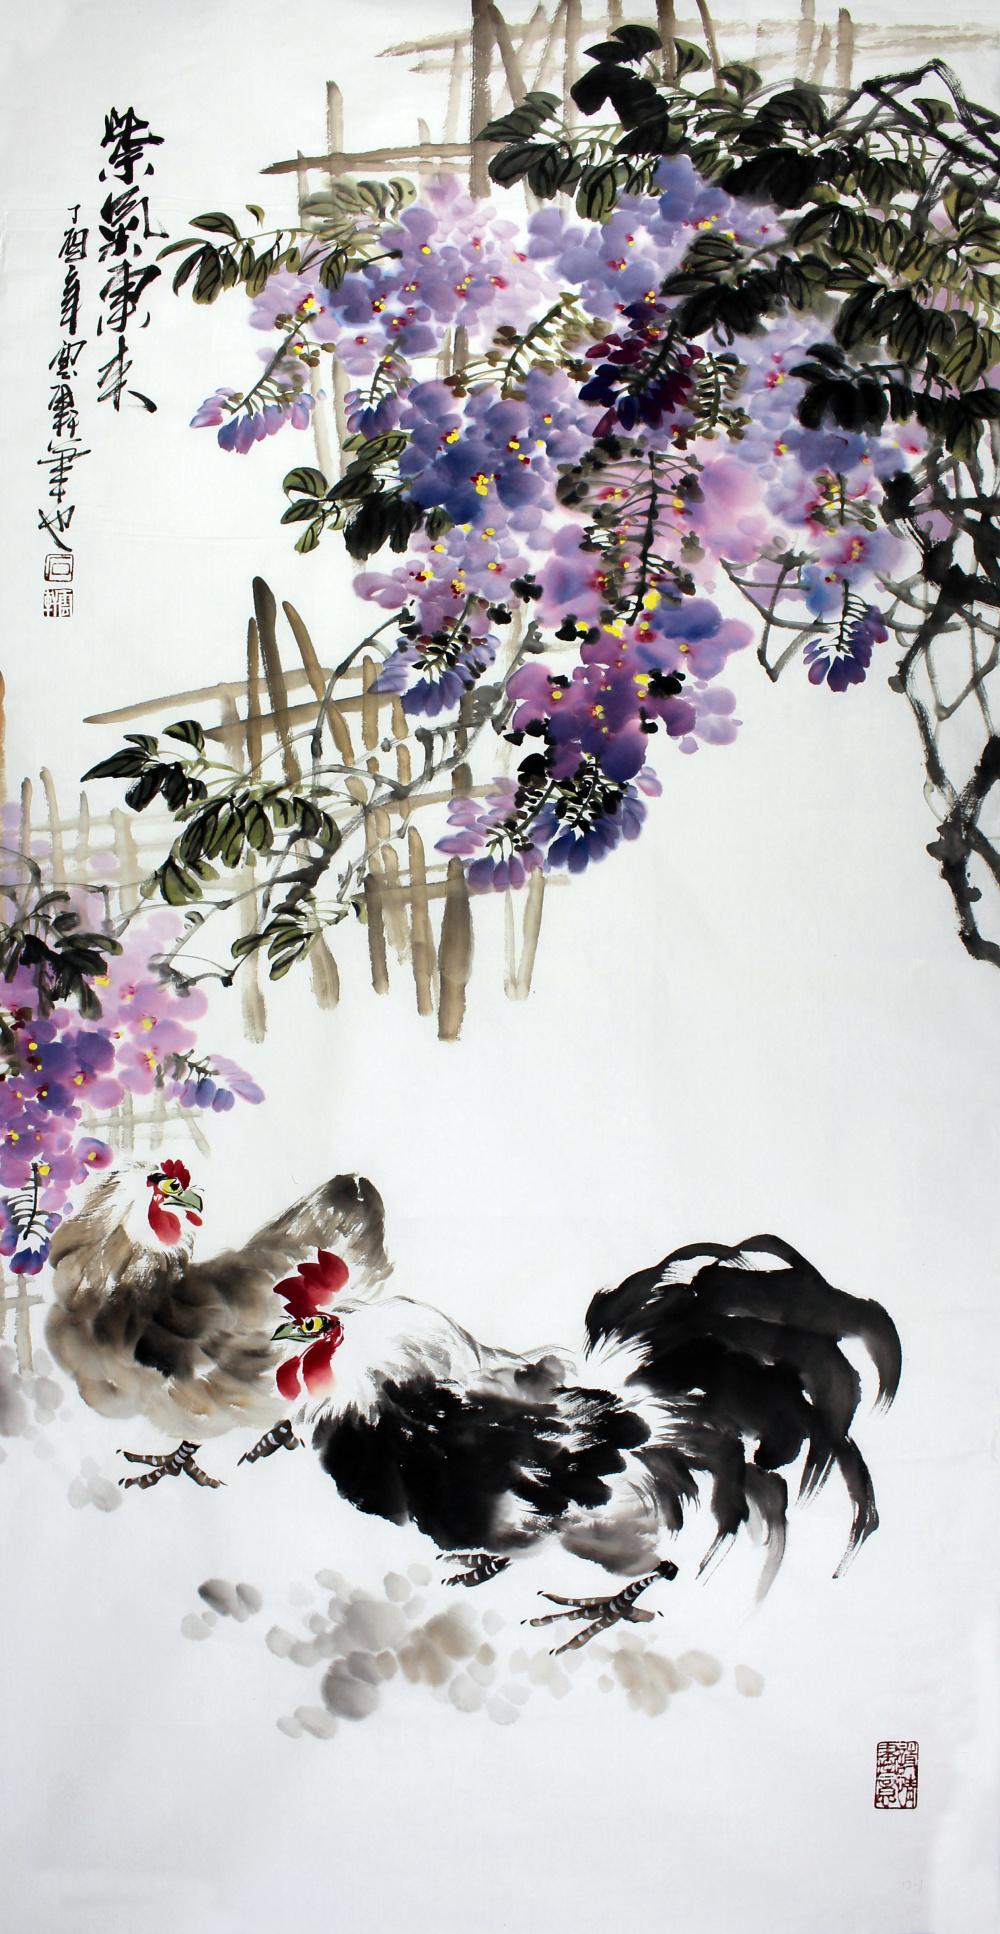 石云轩 国画写意花鸟画 四尺竖幅 紫气东来 紫藤公鸡母鸡13 1